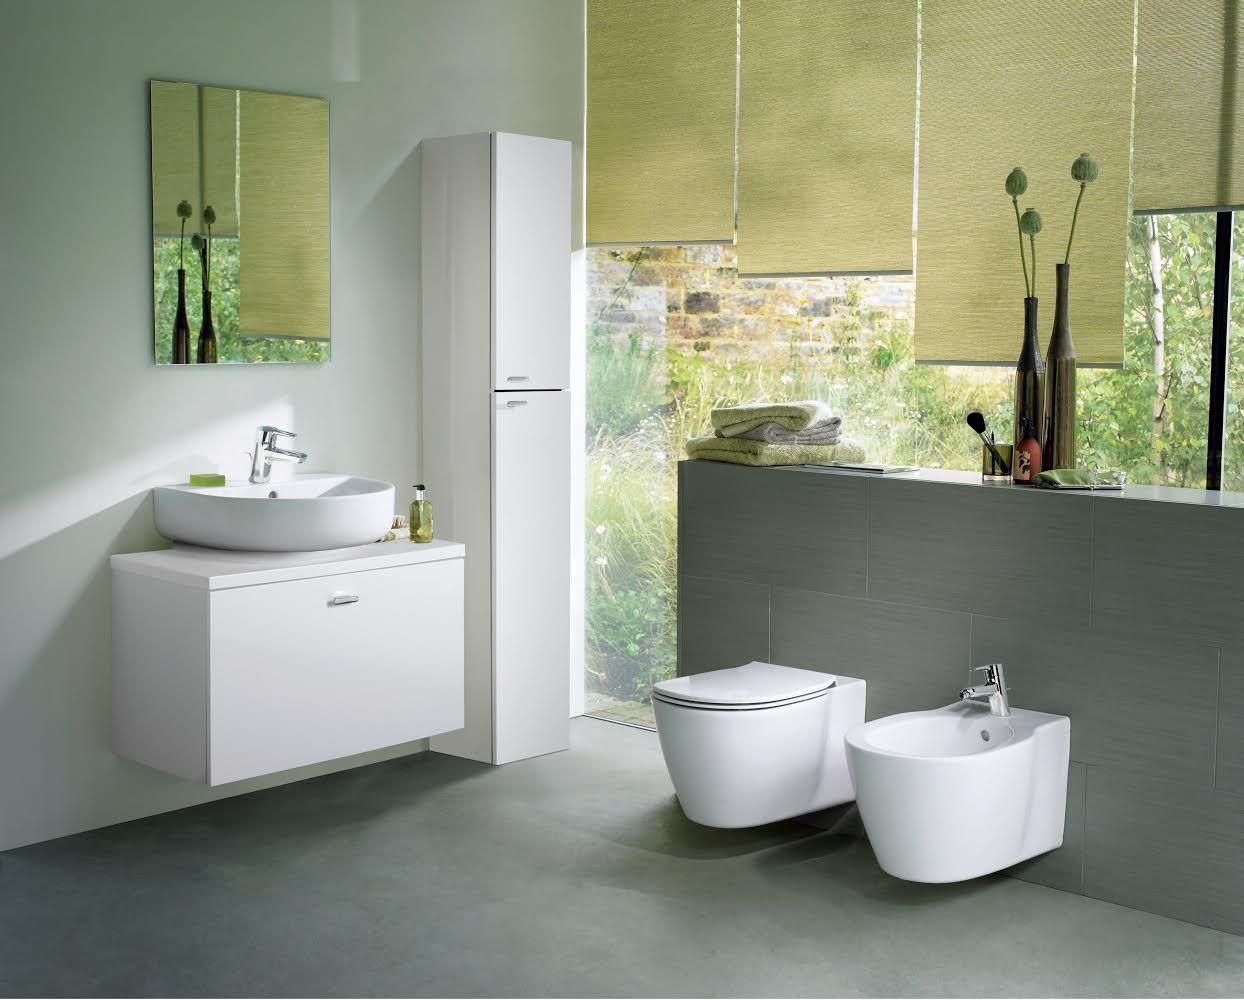 mobili bagno ideal standard prezzi | sweetwaterrescue - Arredo Bagno Dolomite Prezzi